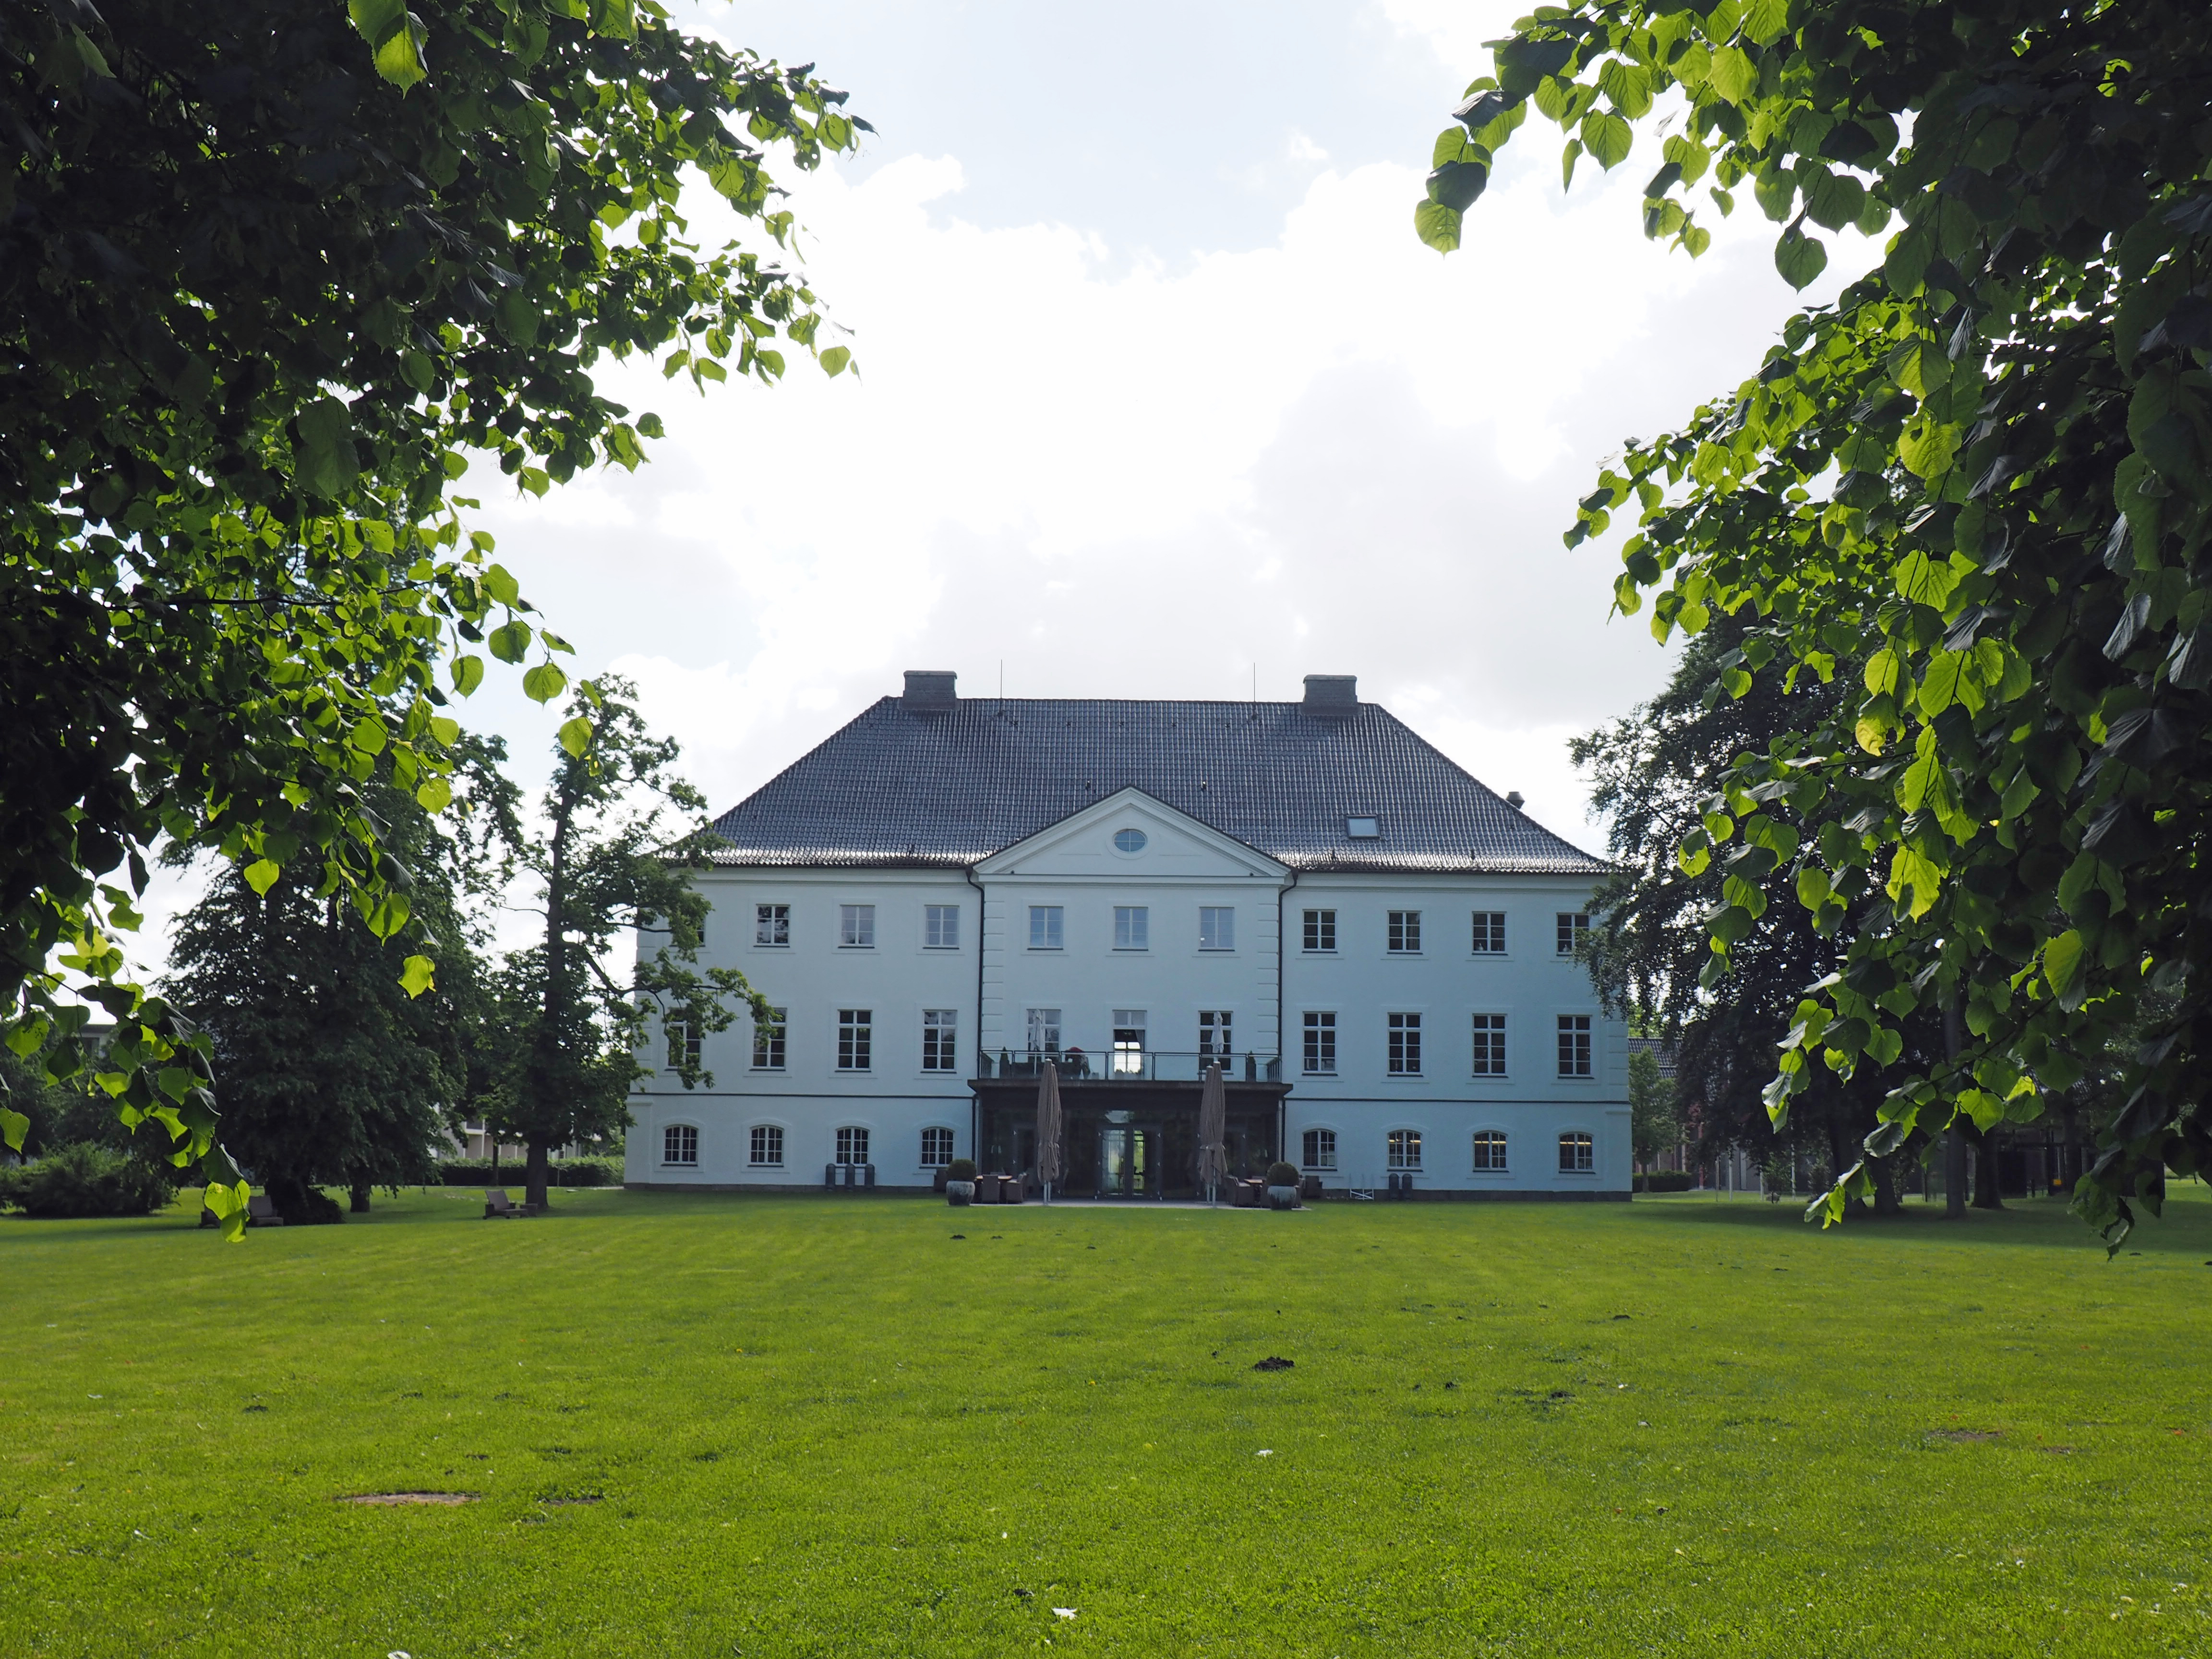 Schlossgut Gross Schwansee - Fotocredit Carina Jürgens